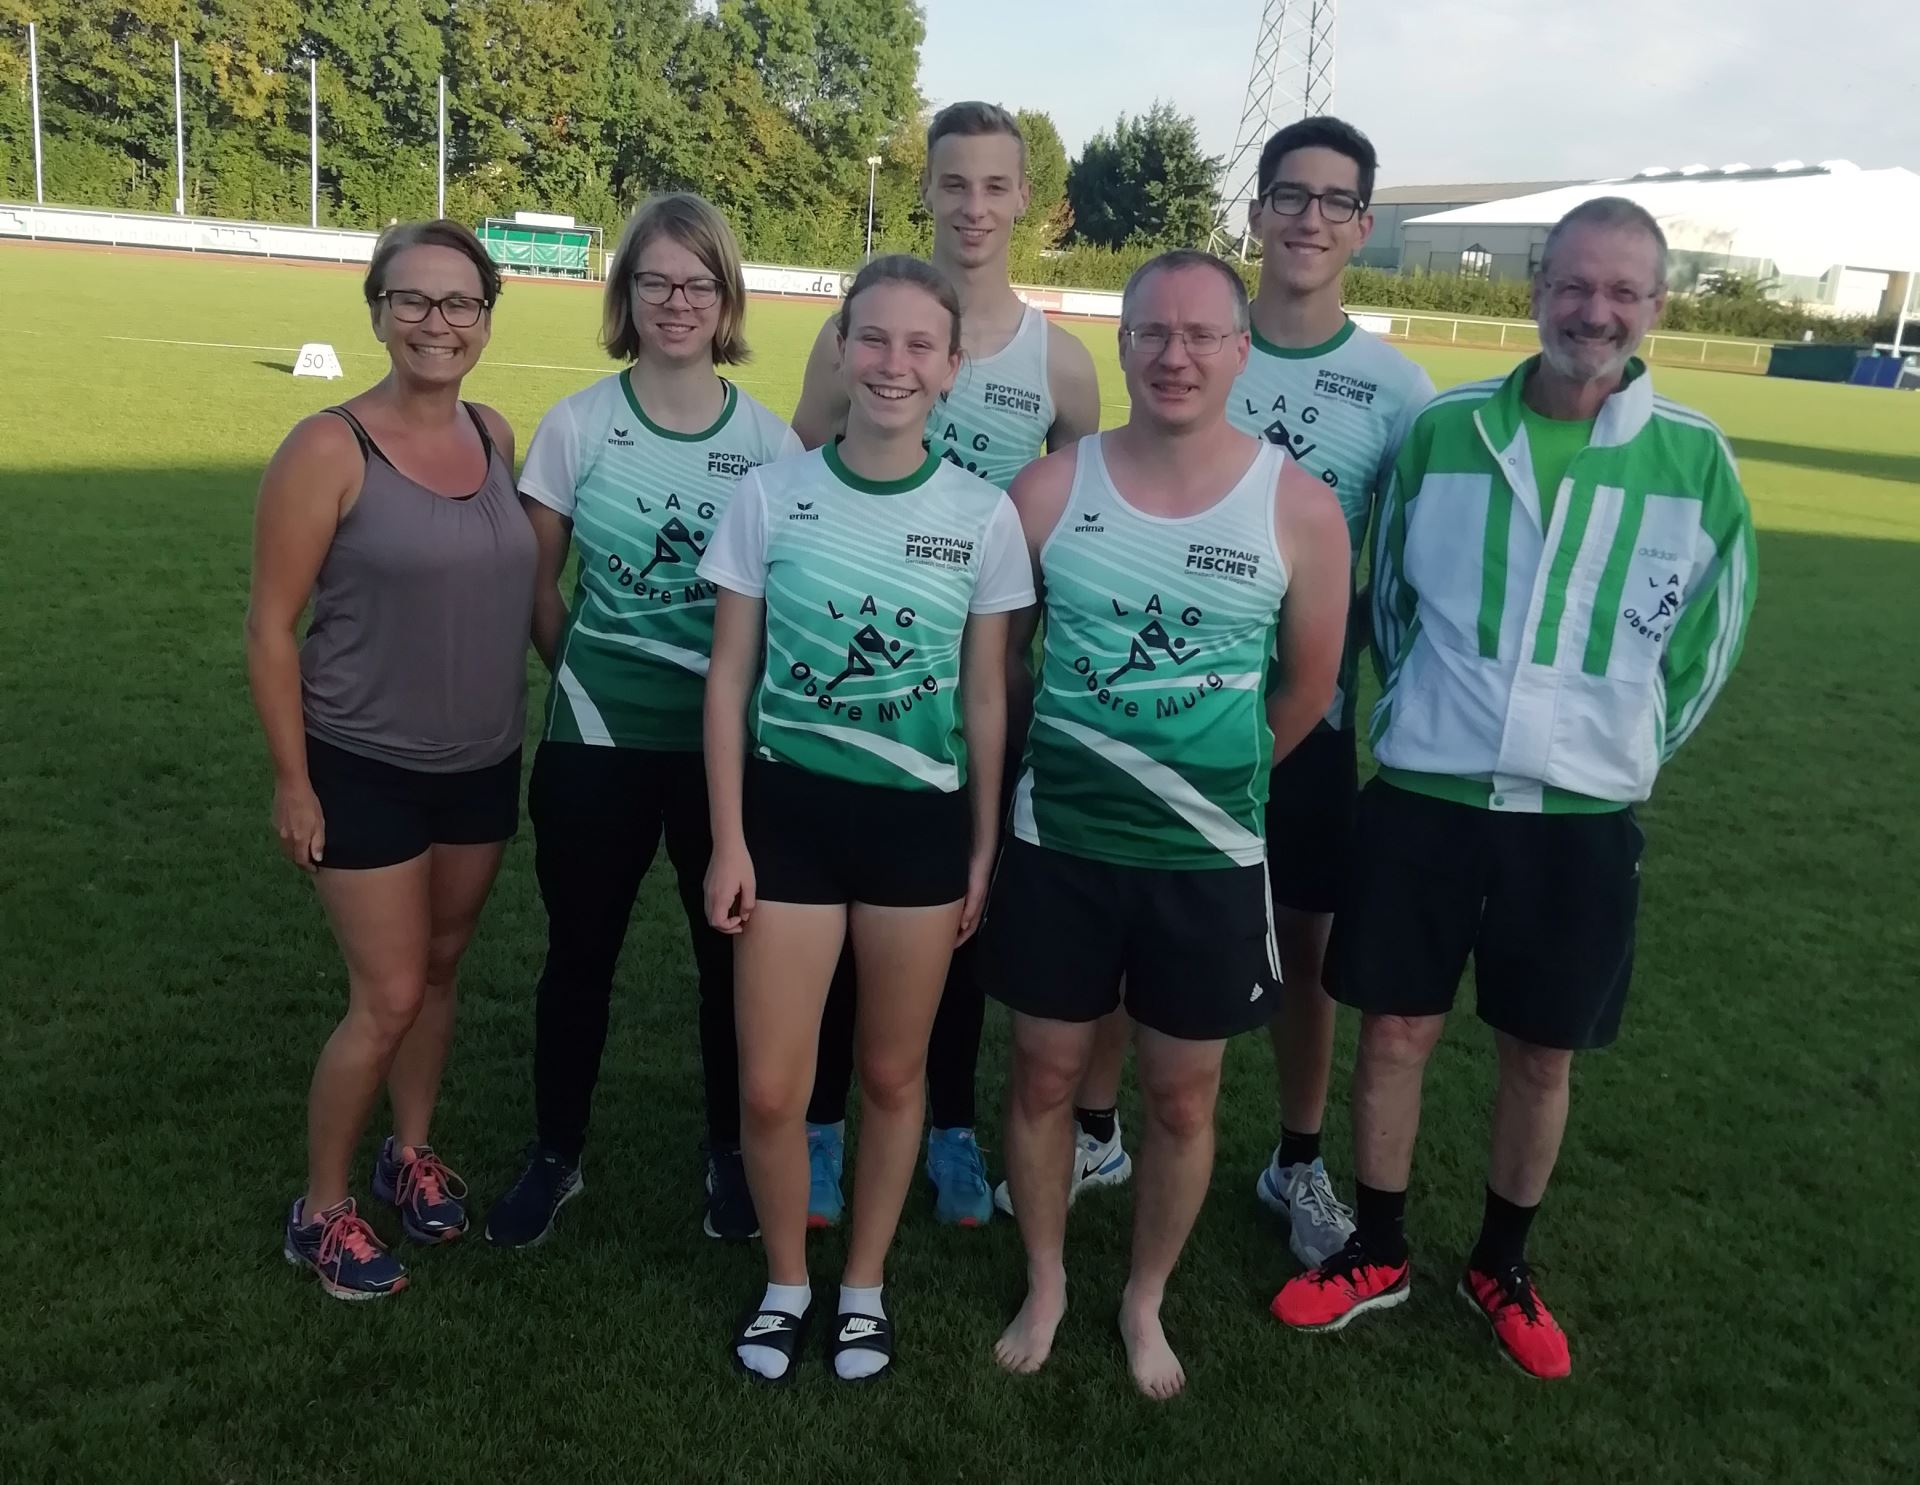 Athleten des LAG beim Mehrkampf-Meeting in Schutterwald